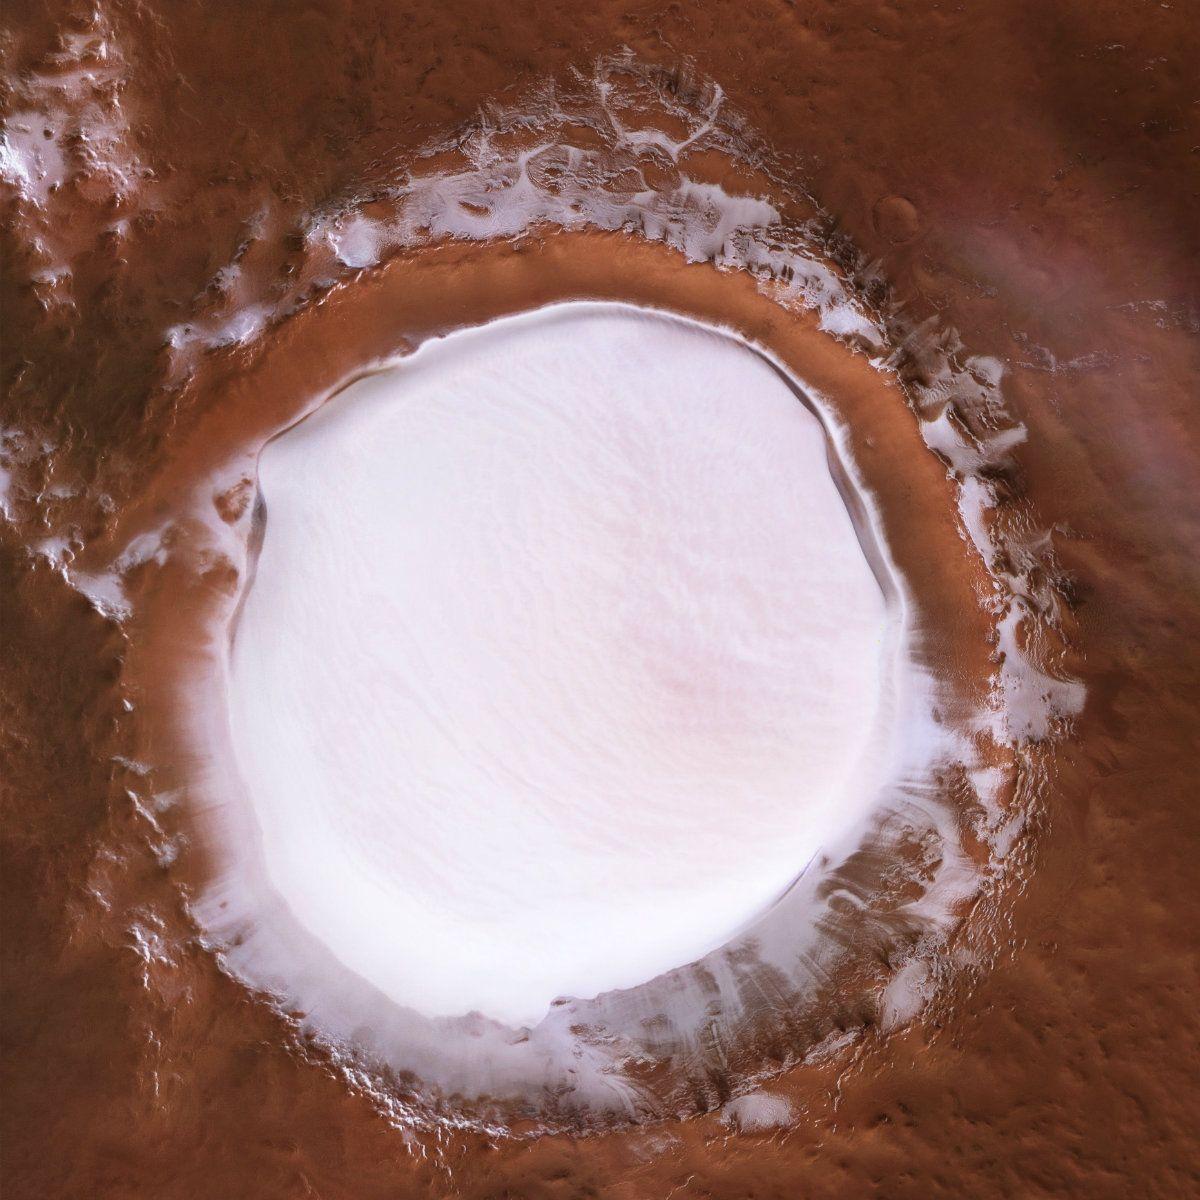 Una pista de patinaje fuera de este mundo: así se ve un crater de Marte